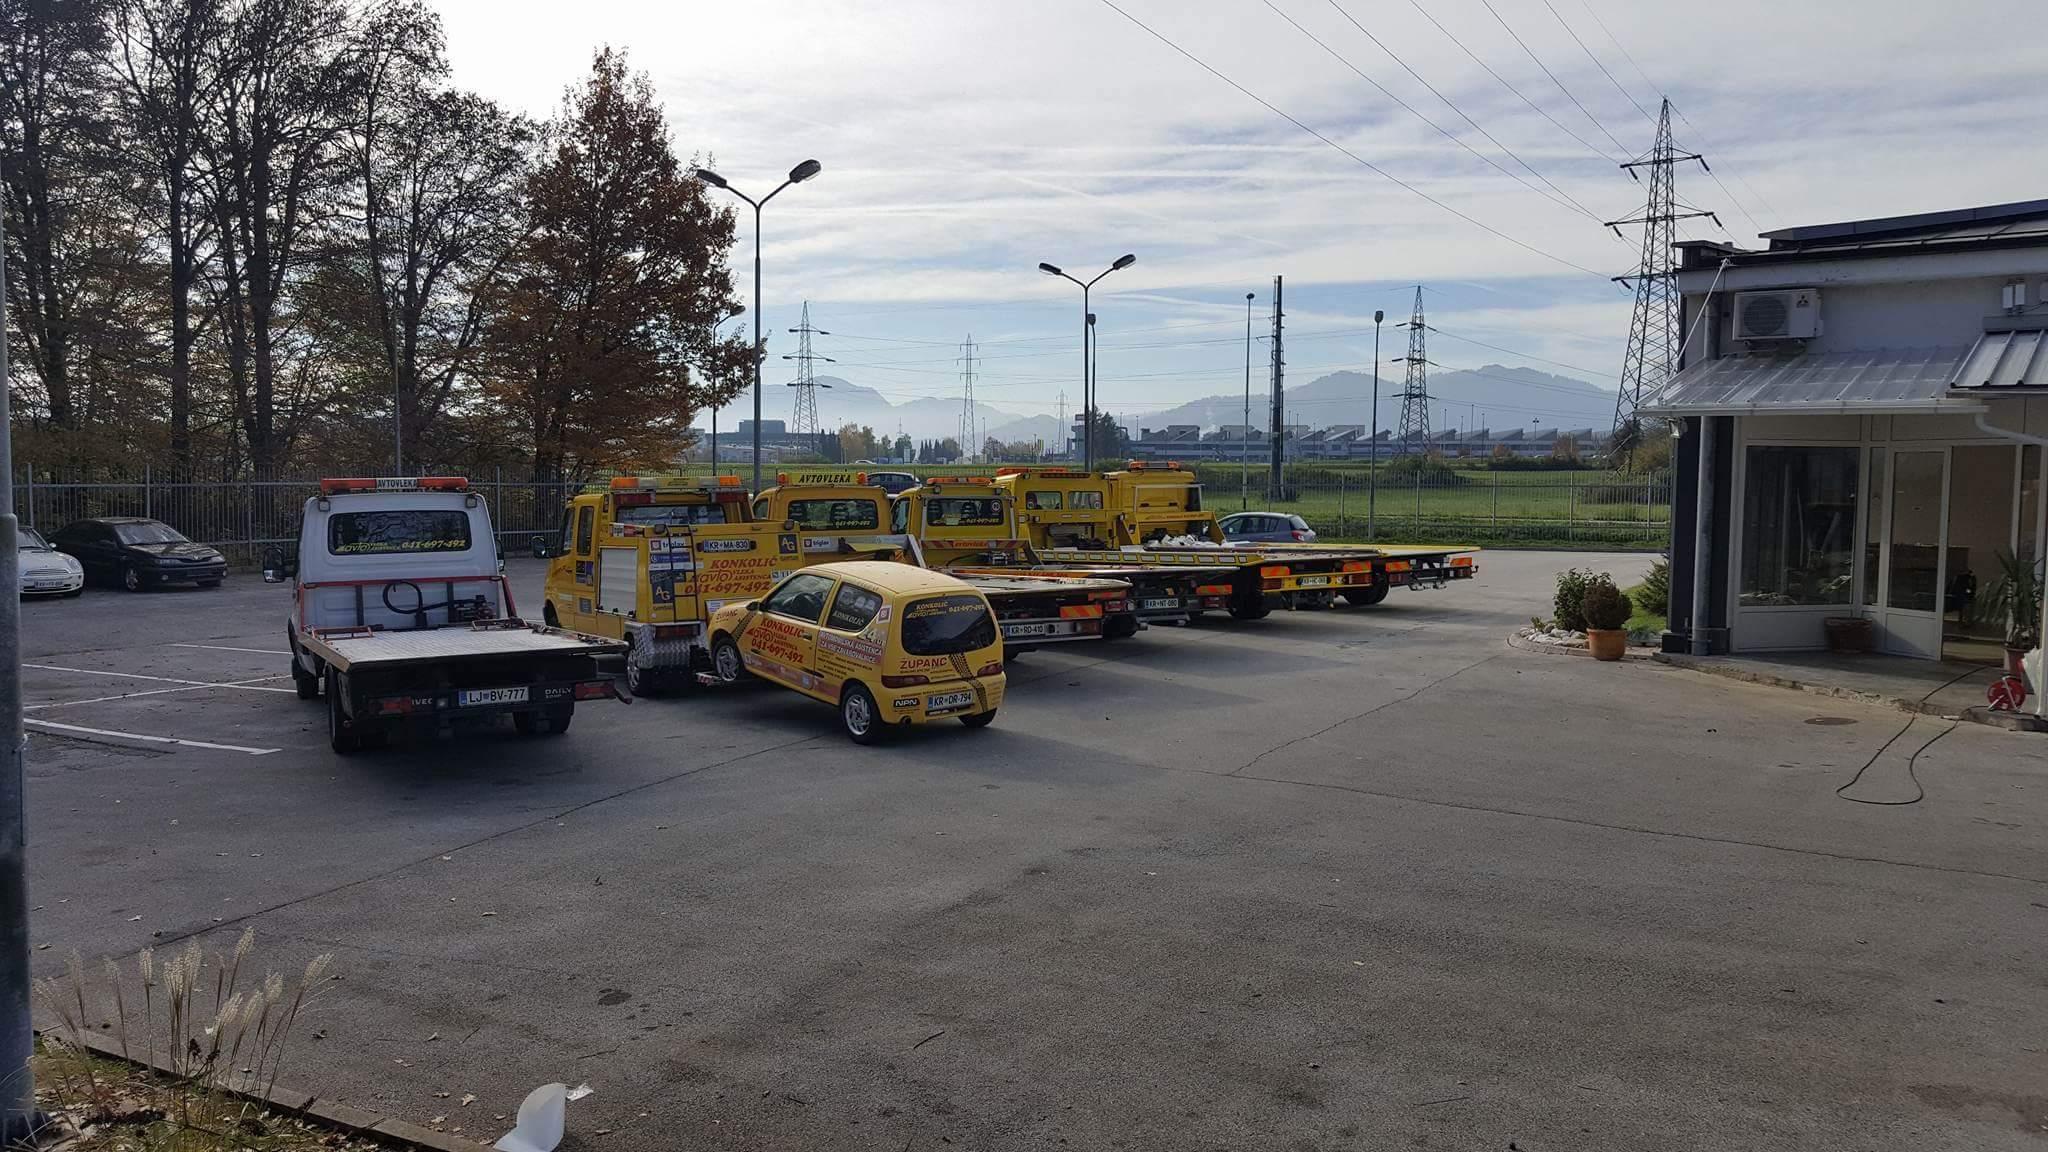 Avtovleka Kranj - Avtoasistenca Konkolič Kranj, Towing Service Kranj, Abschleppdienst Kranj received_10206014330672464